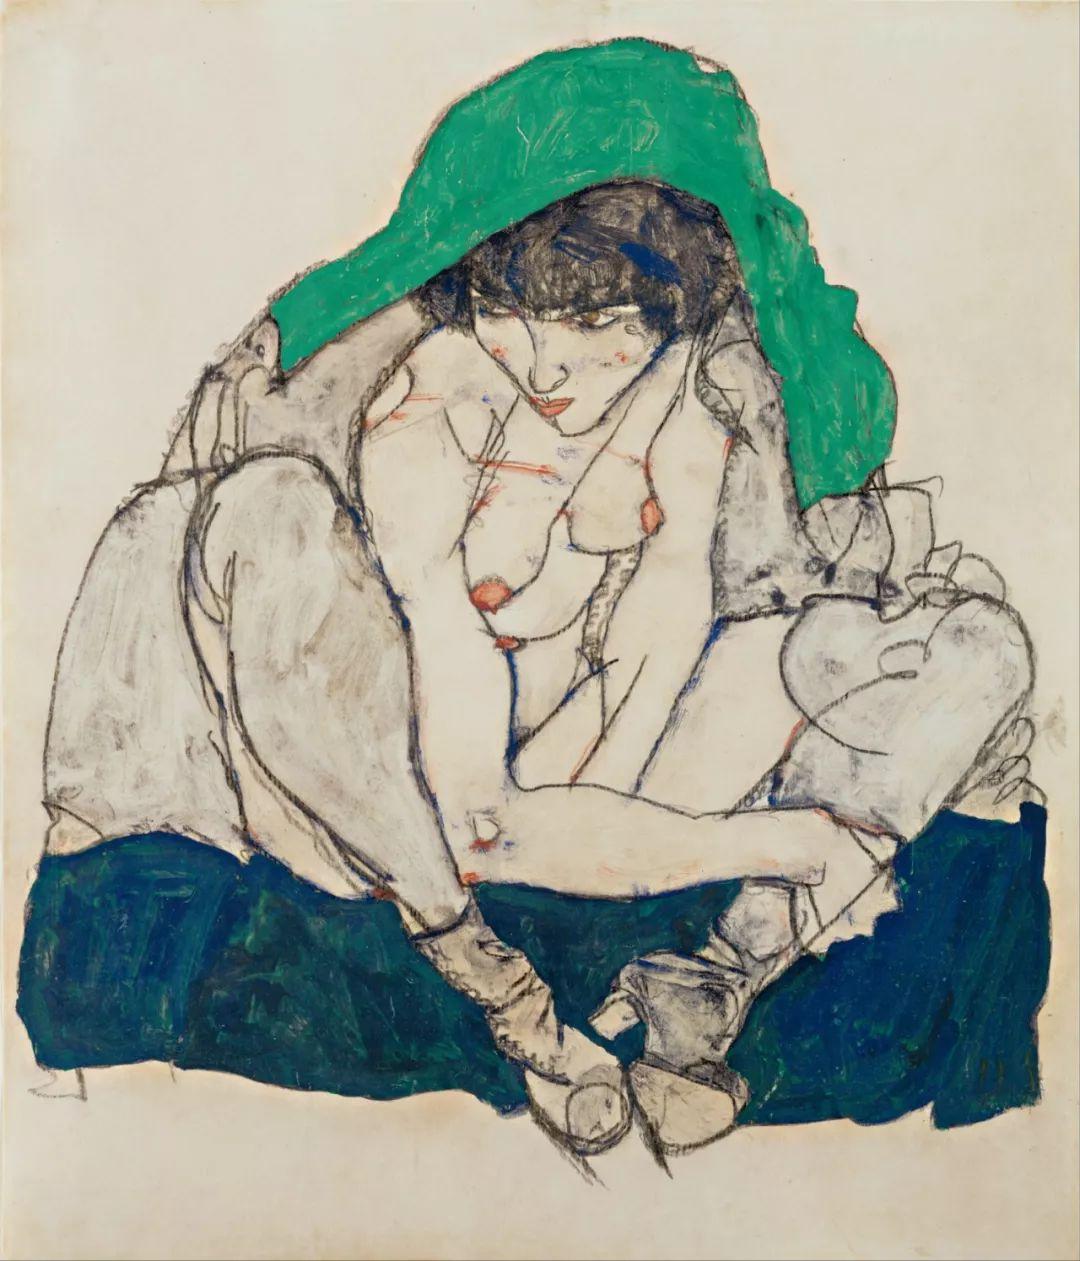 年仅28岁,生前遭受非议,死后却被捧为直逼心灵的艺术家插图103